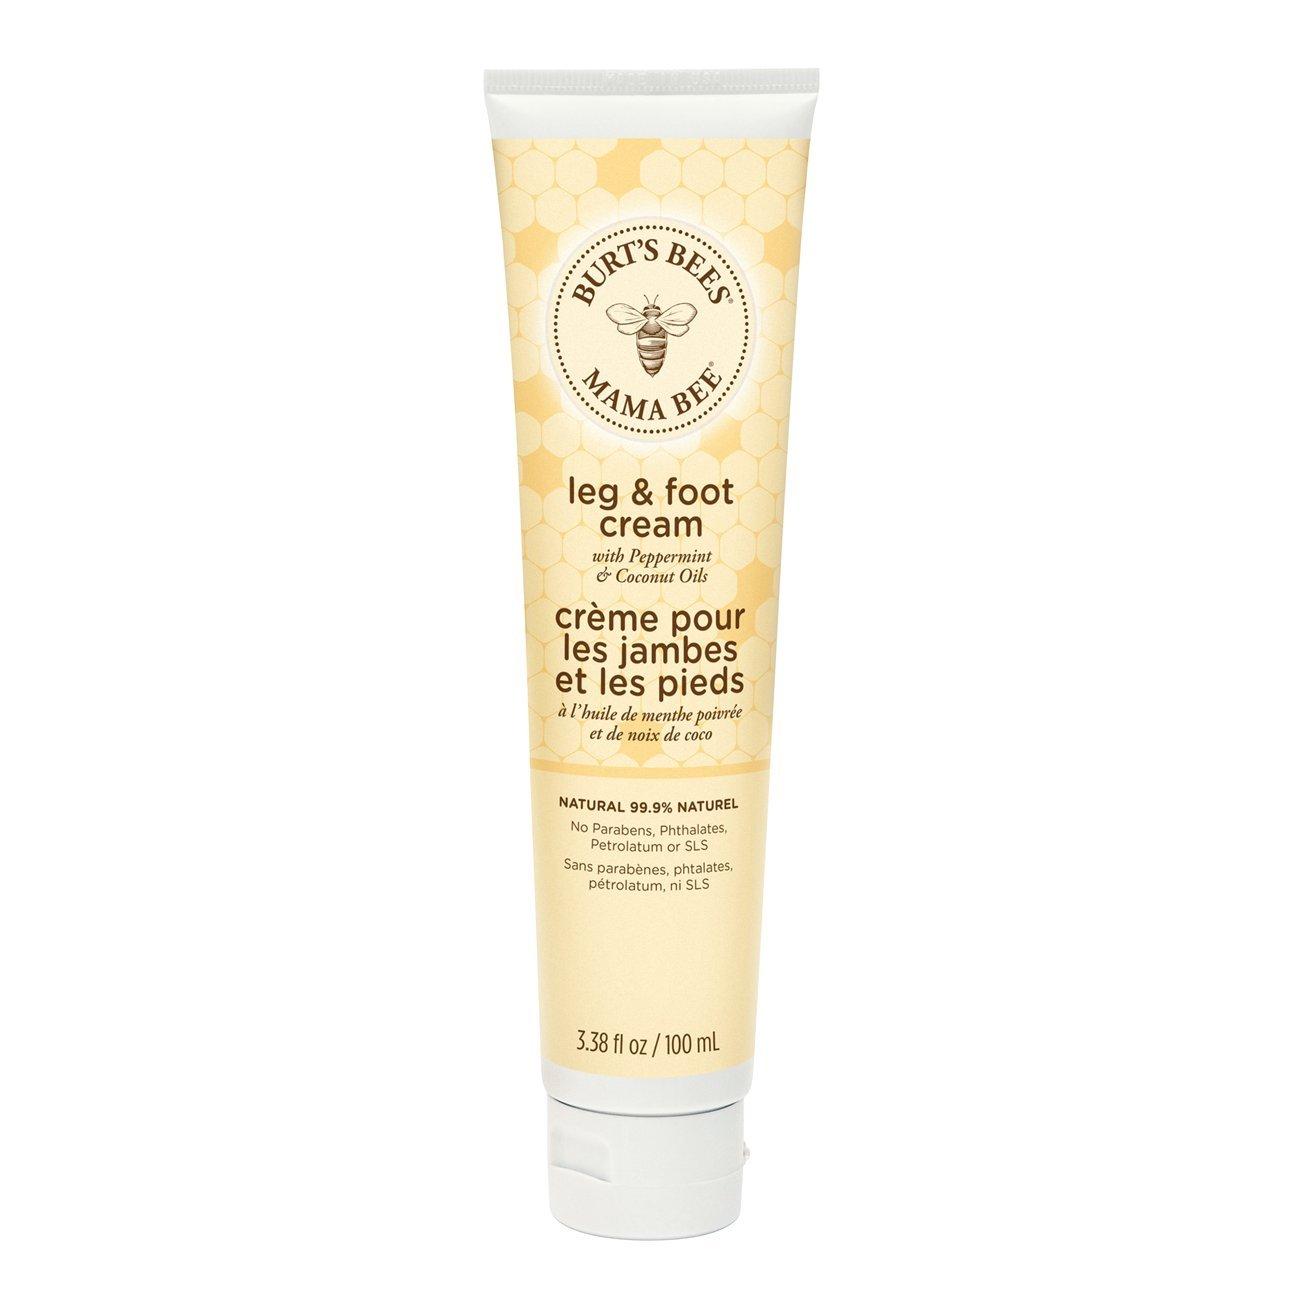 burt' S Bees Mama Bee Leg and Foot Cream, 100 ml 100ml Burt' s Bees 89840-14